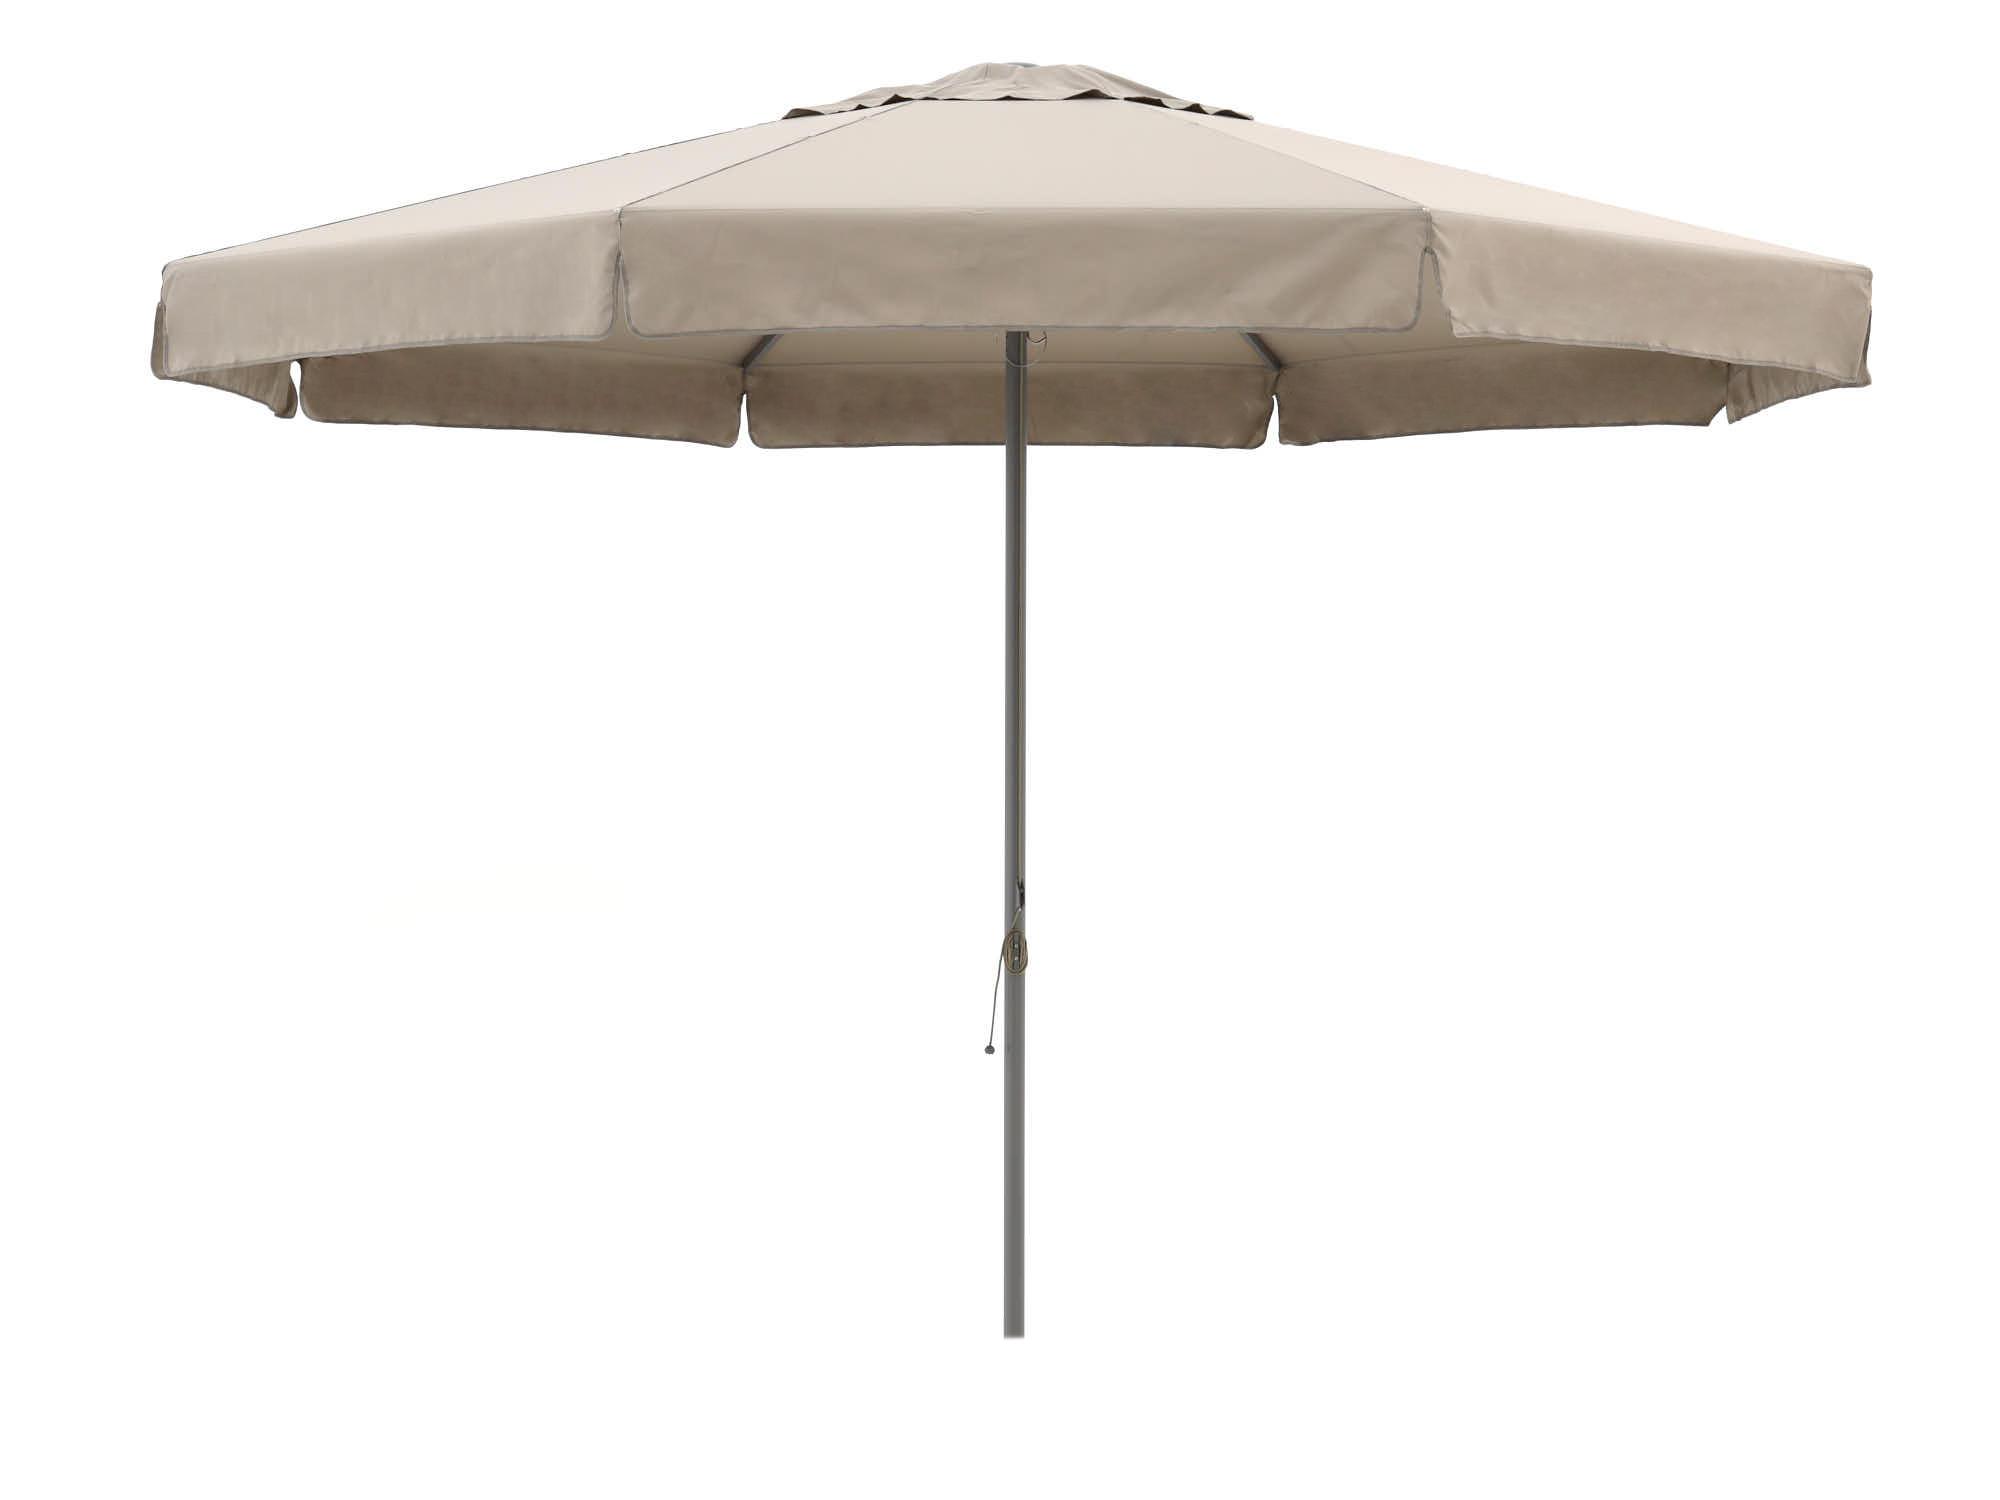 Shadowline Bonaire parasol ø 400cm - Laagste prijsgarantie!